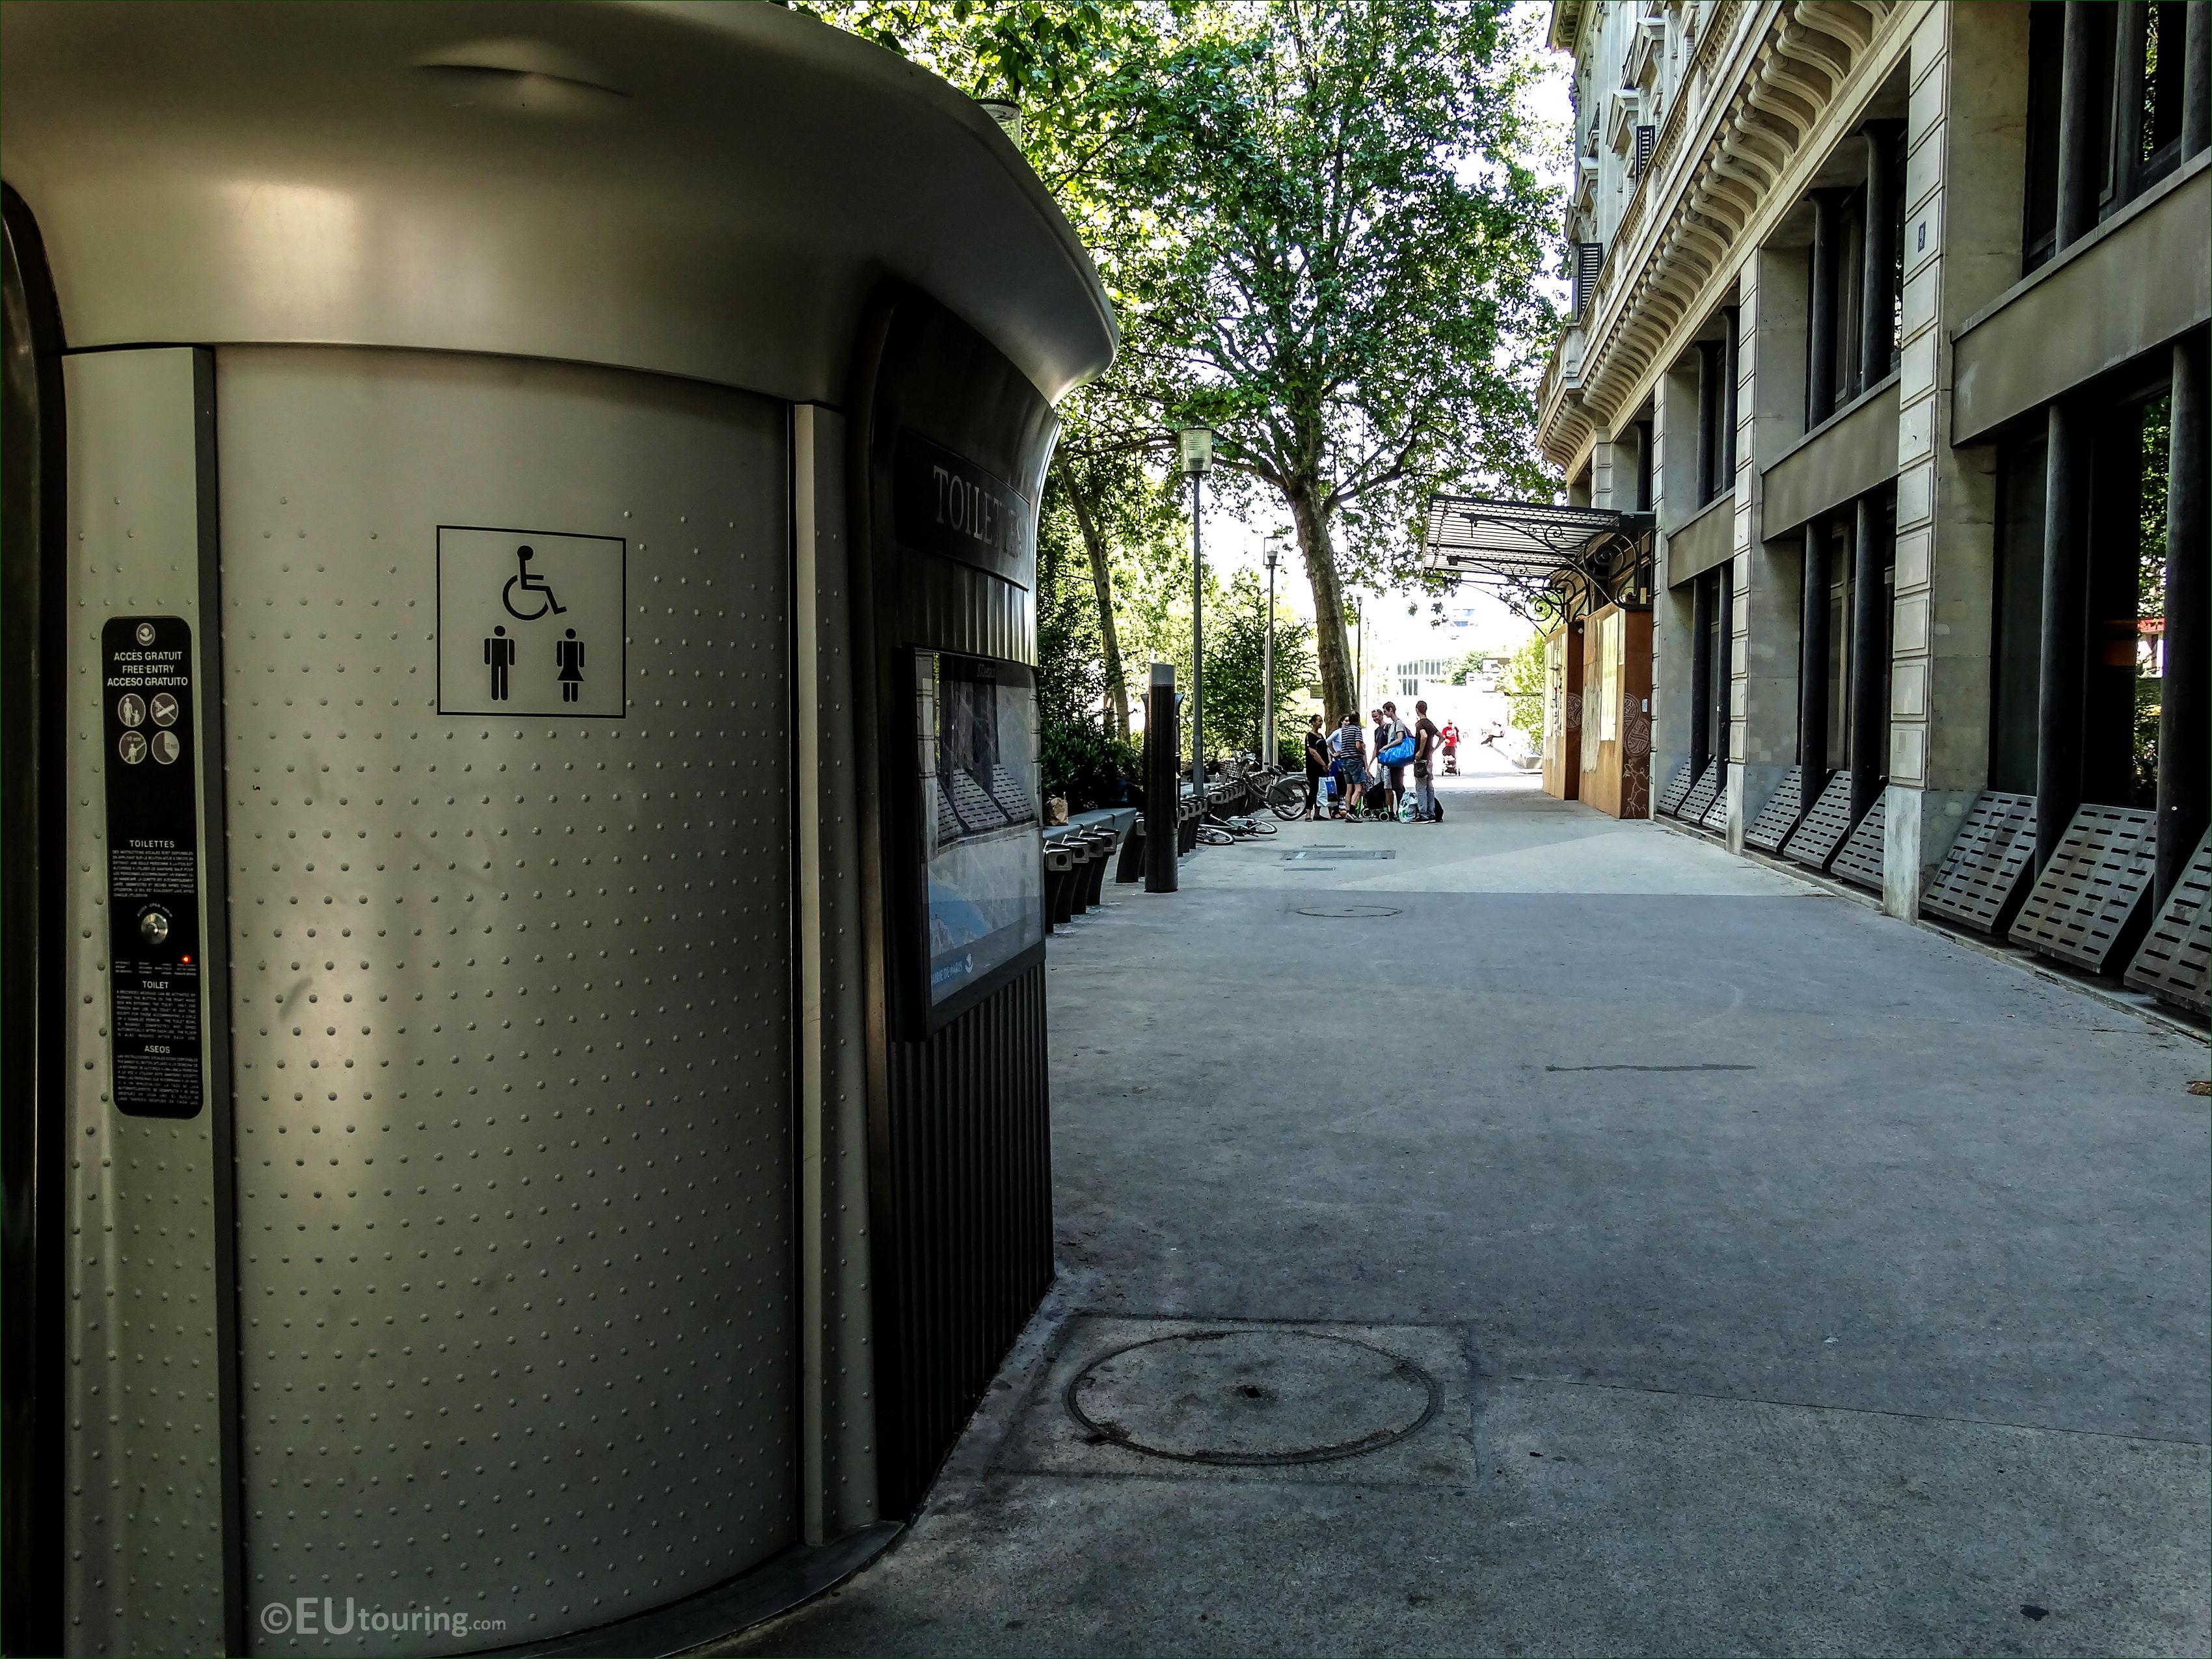 Public toilets under i site